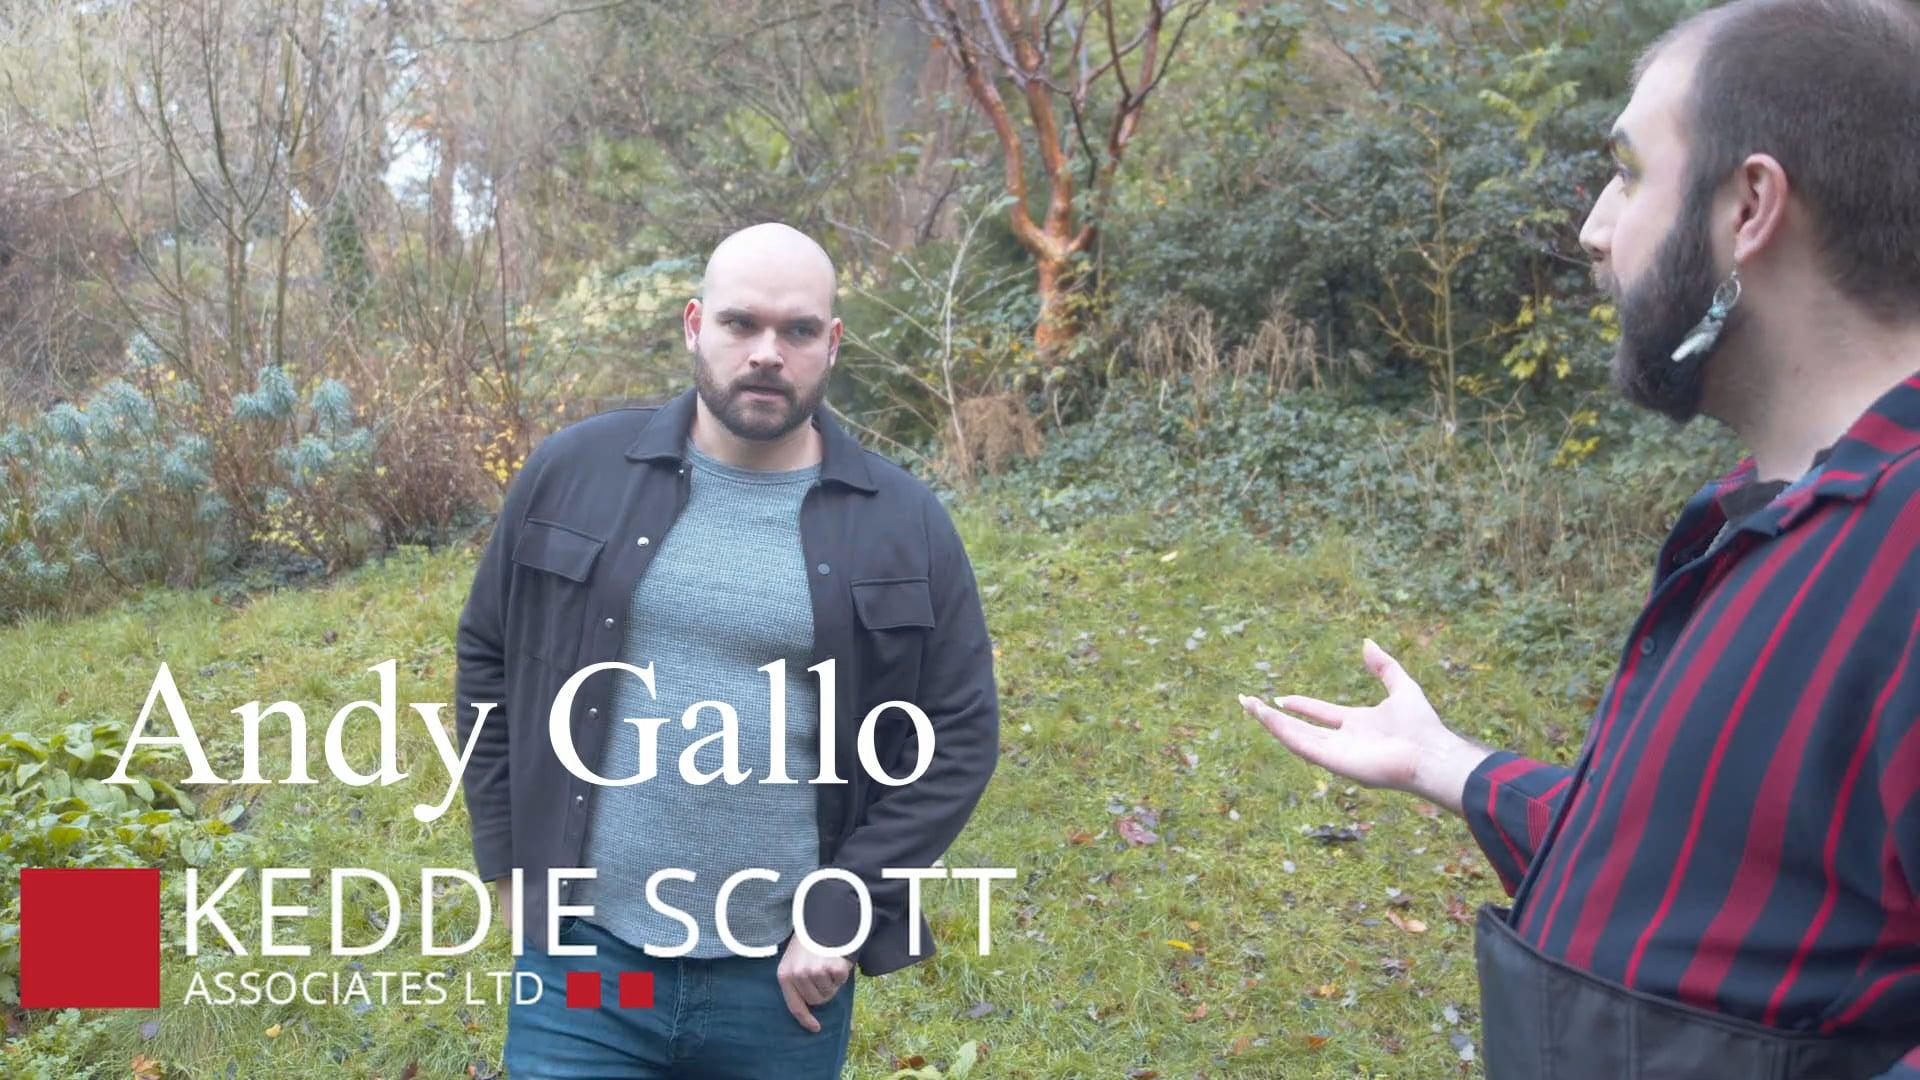 Andy Gallo - Cop Scene final - 1min